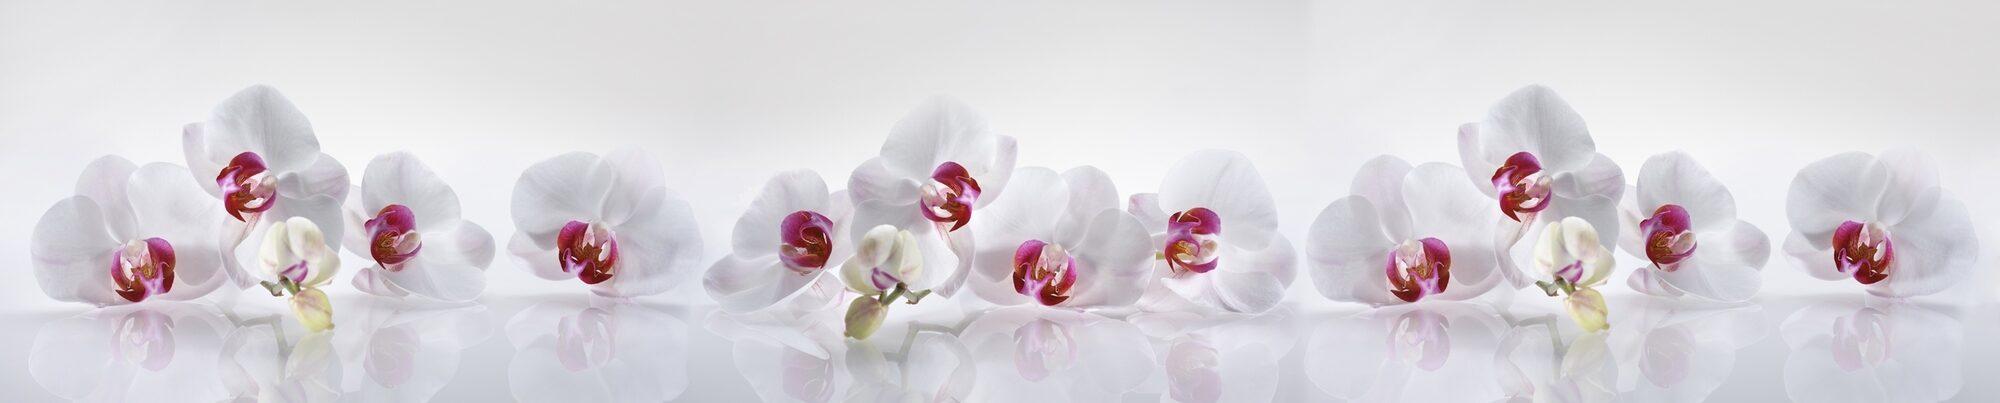 отправилась отдыхать фото на стекле ветки орхидеи уходить стереотипа